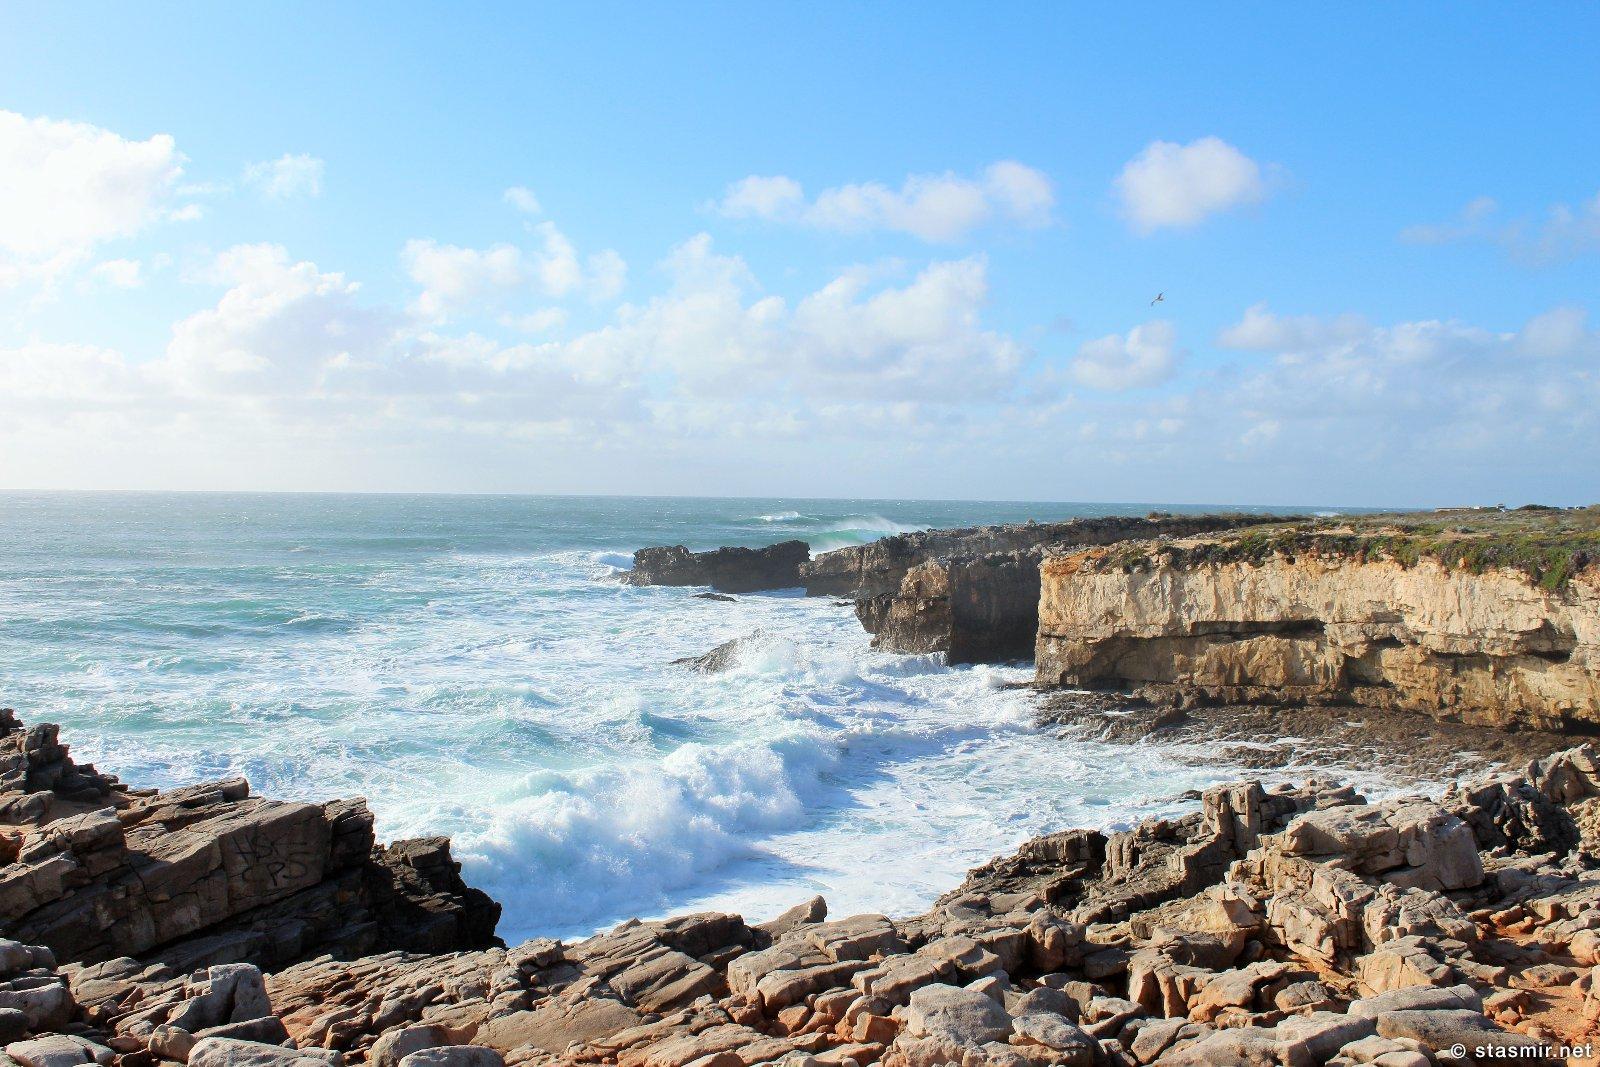 побережье в Португалии, Азеньяш-ду-Мар, Атлантический океан, фото Стасмир, Photo Stasmir